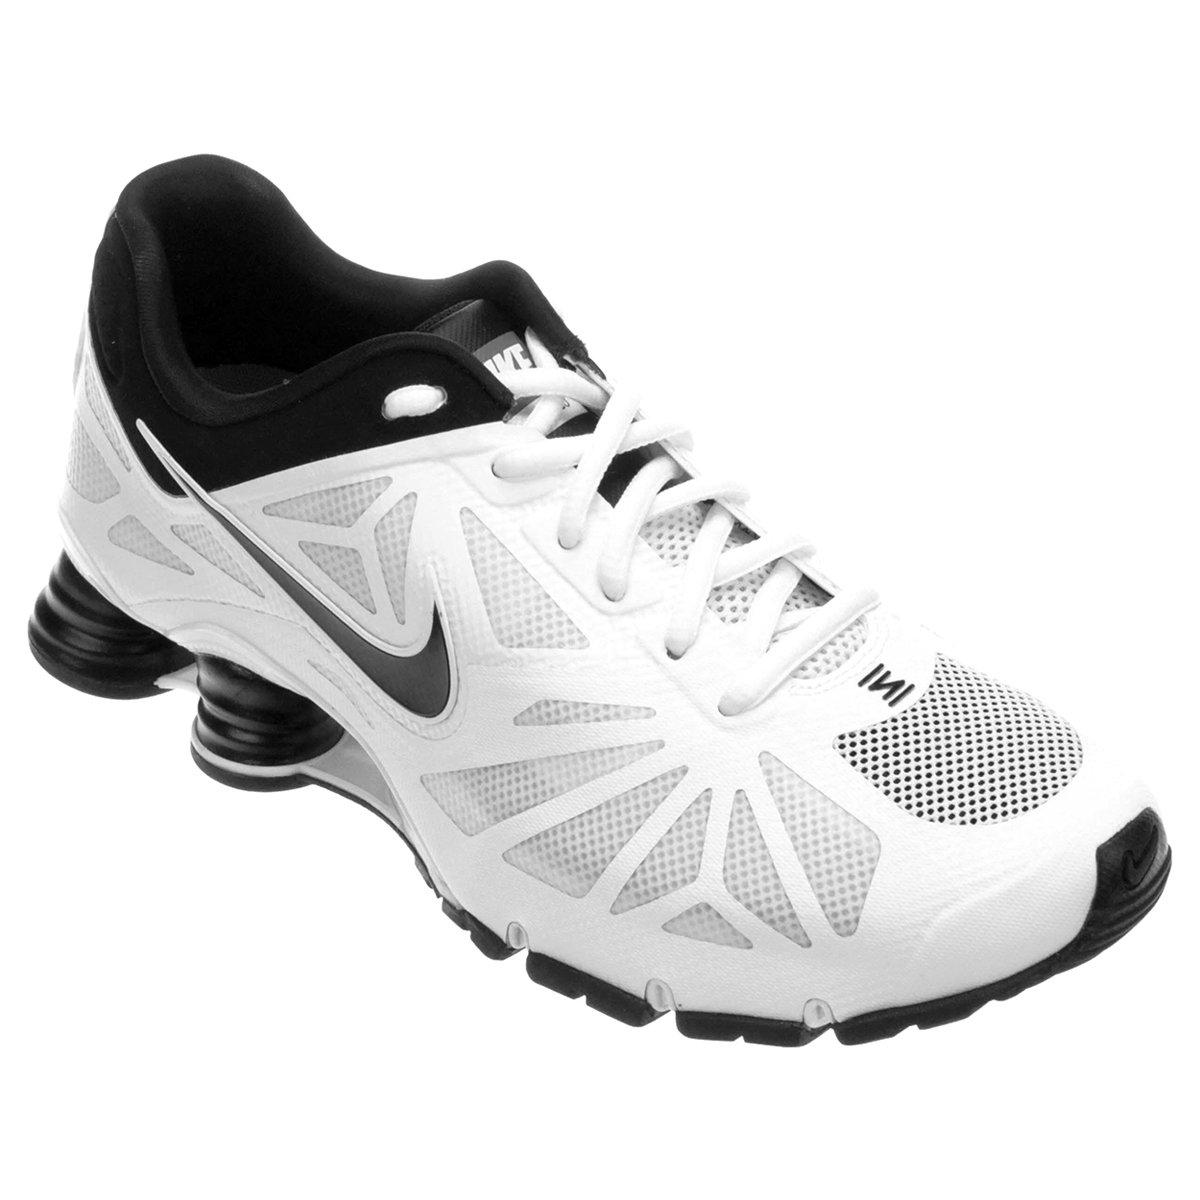 Tenis Nike Shox Turbo Xii Se Deslizan darse prisa Venta bajo costo j45pQW